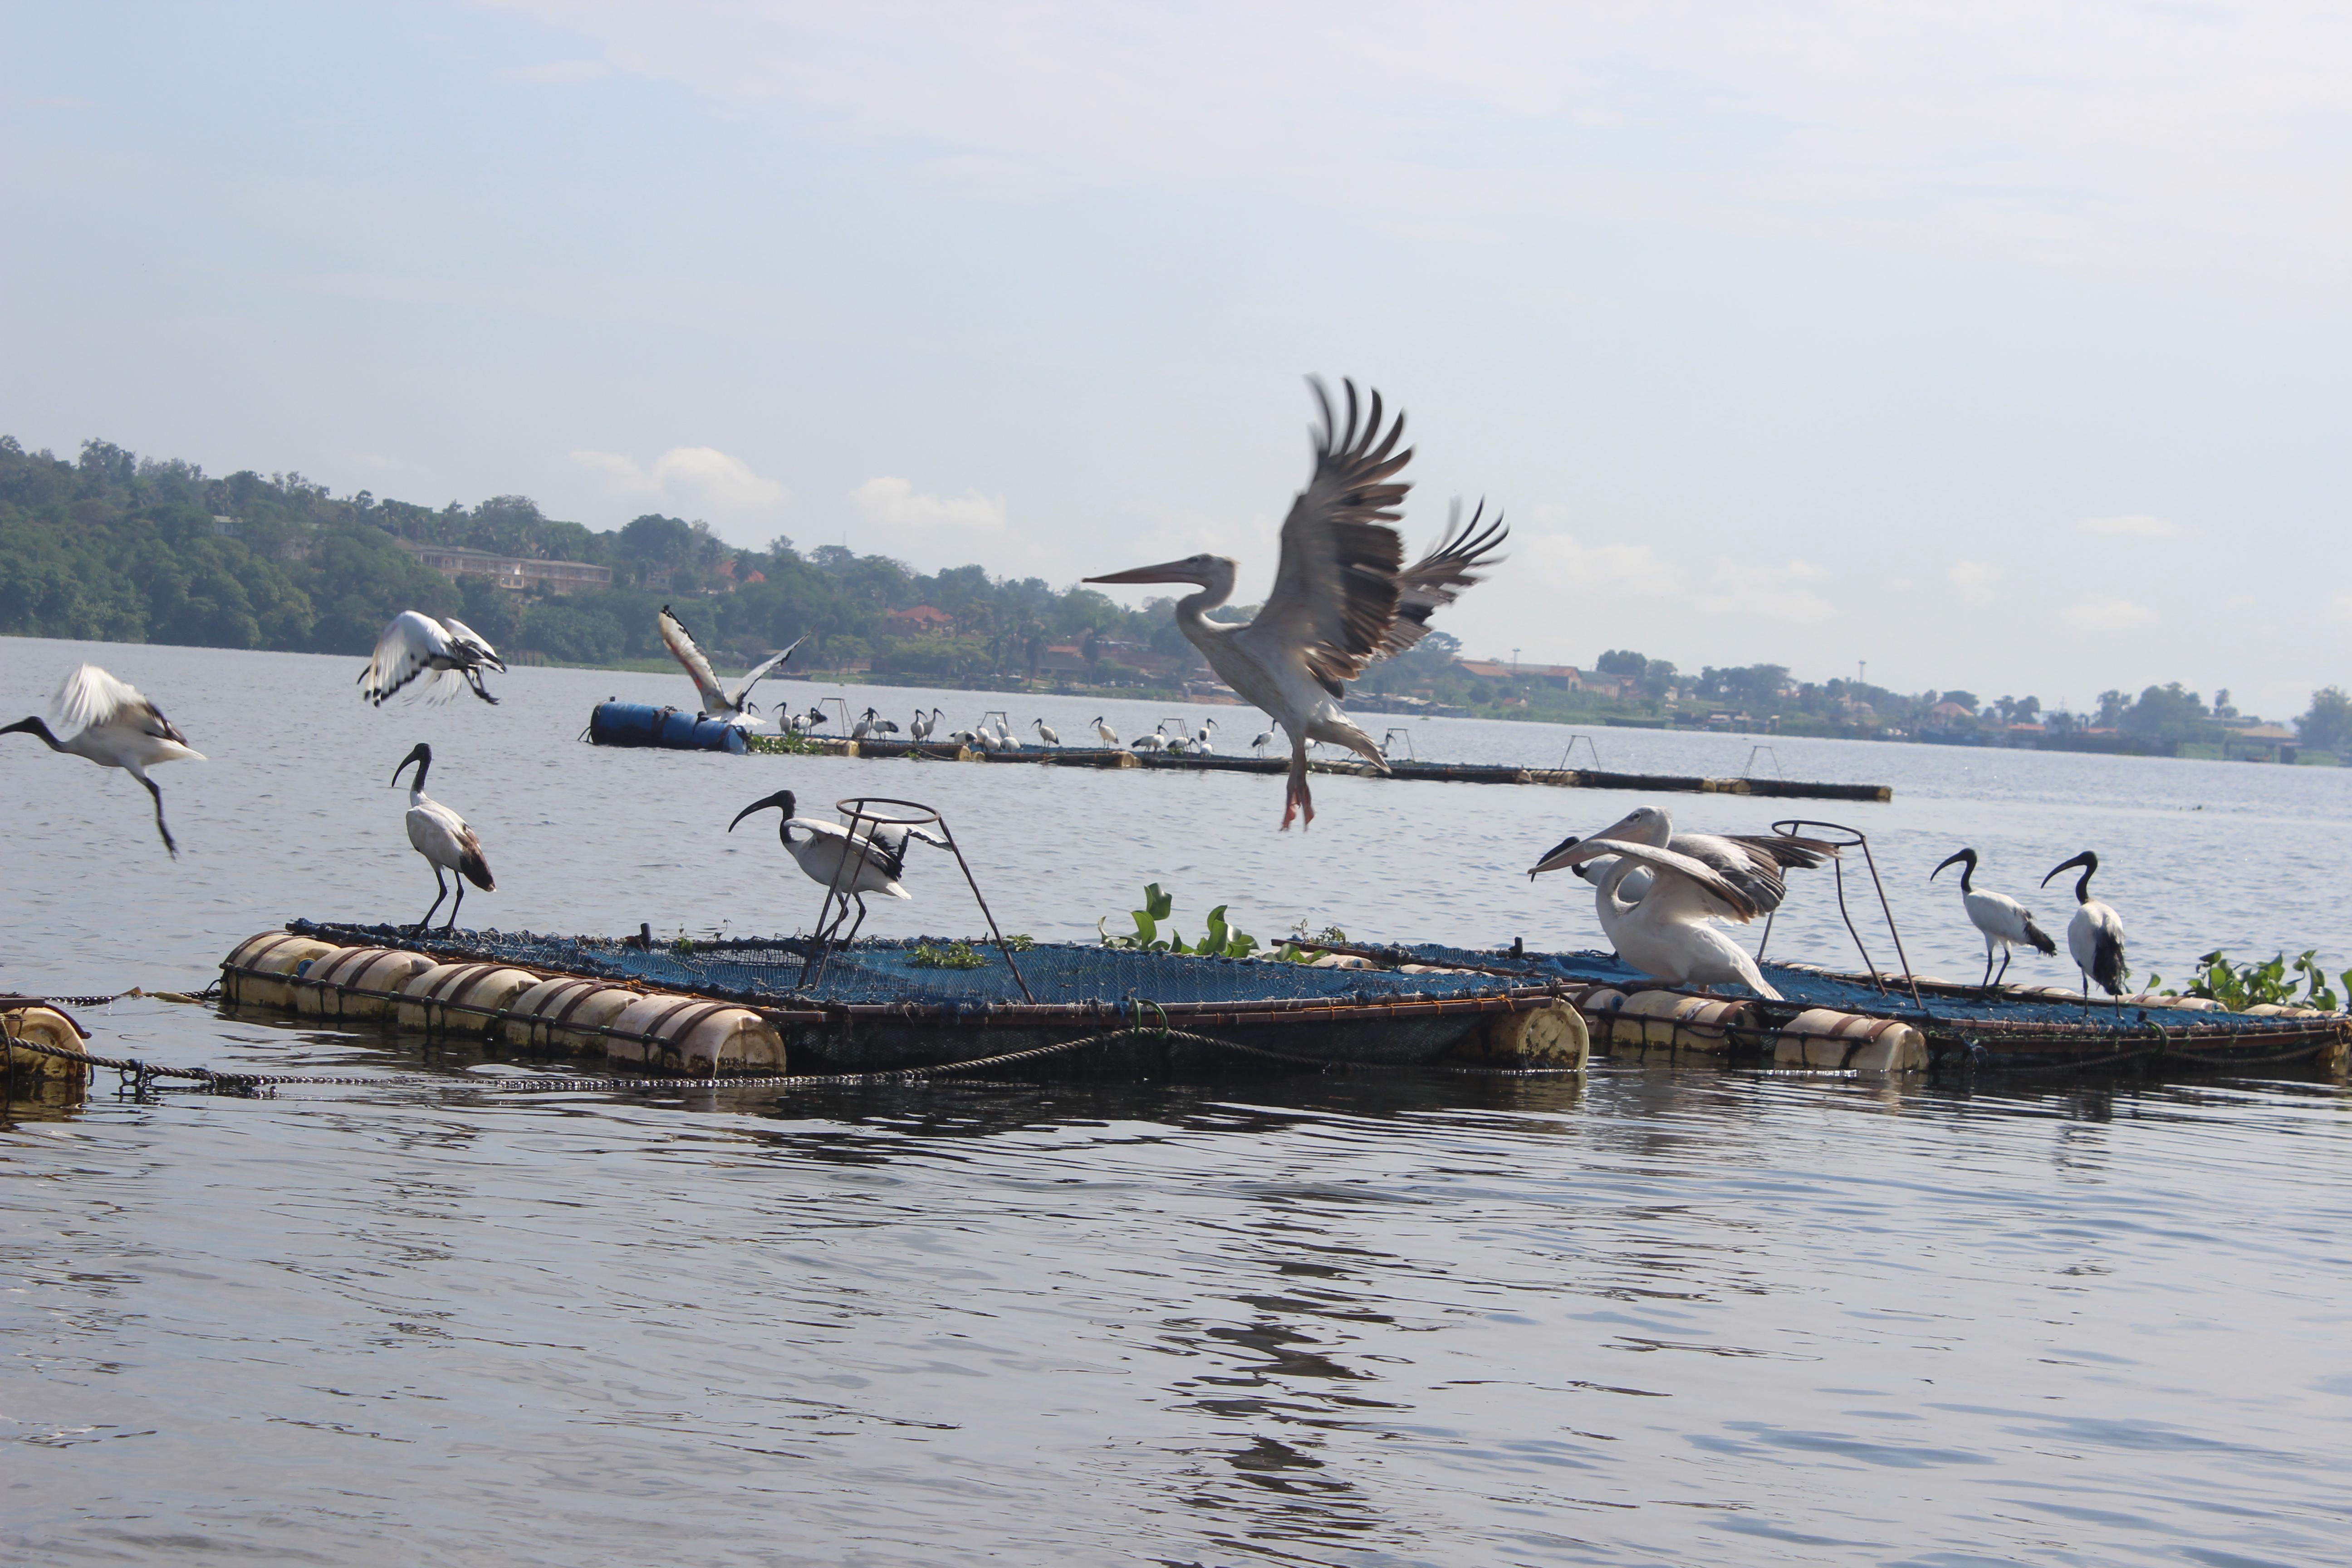 Falta de fondos frena la piscicultura en jaulas de frica for Jaulas flotantes para piscicultura